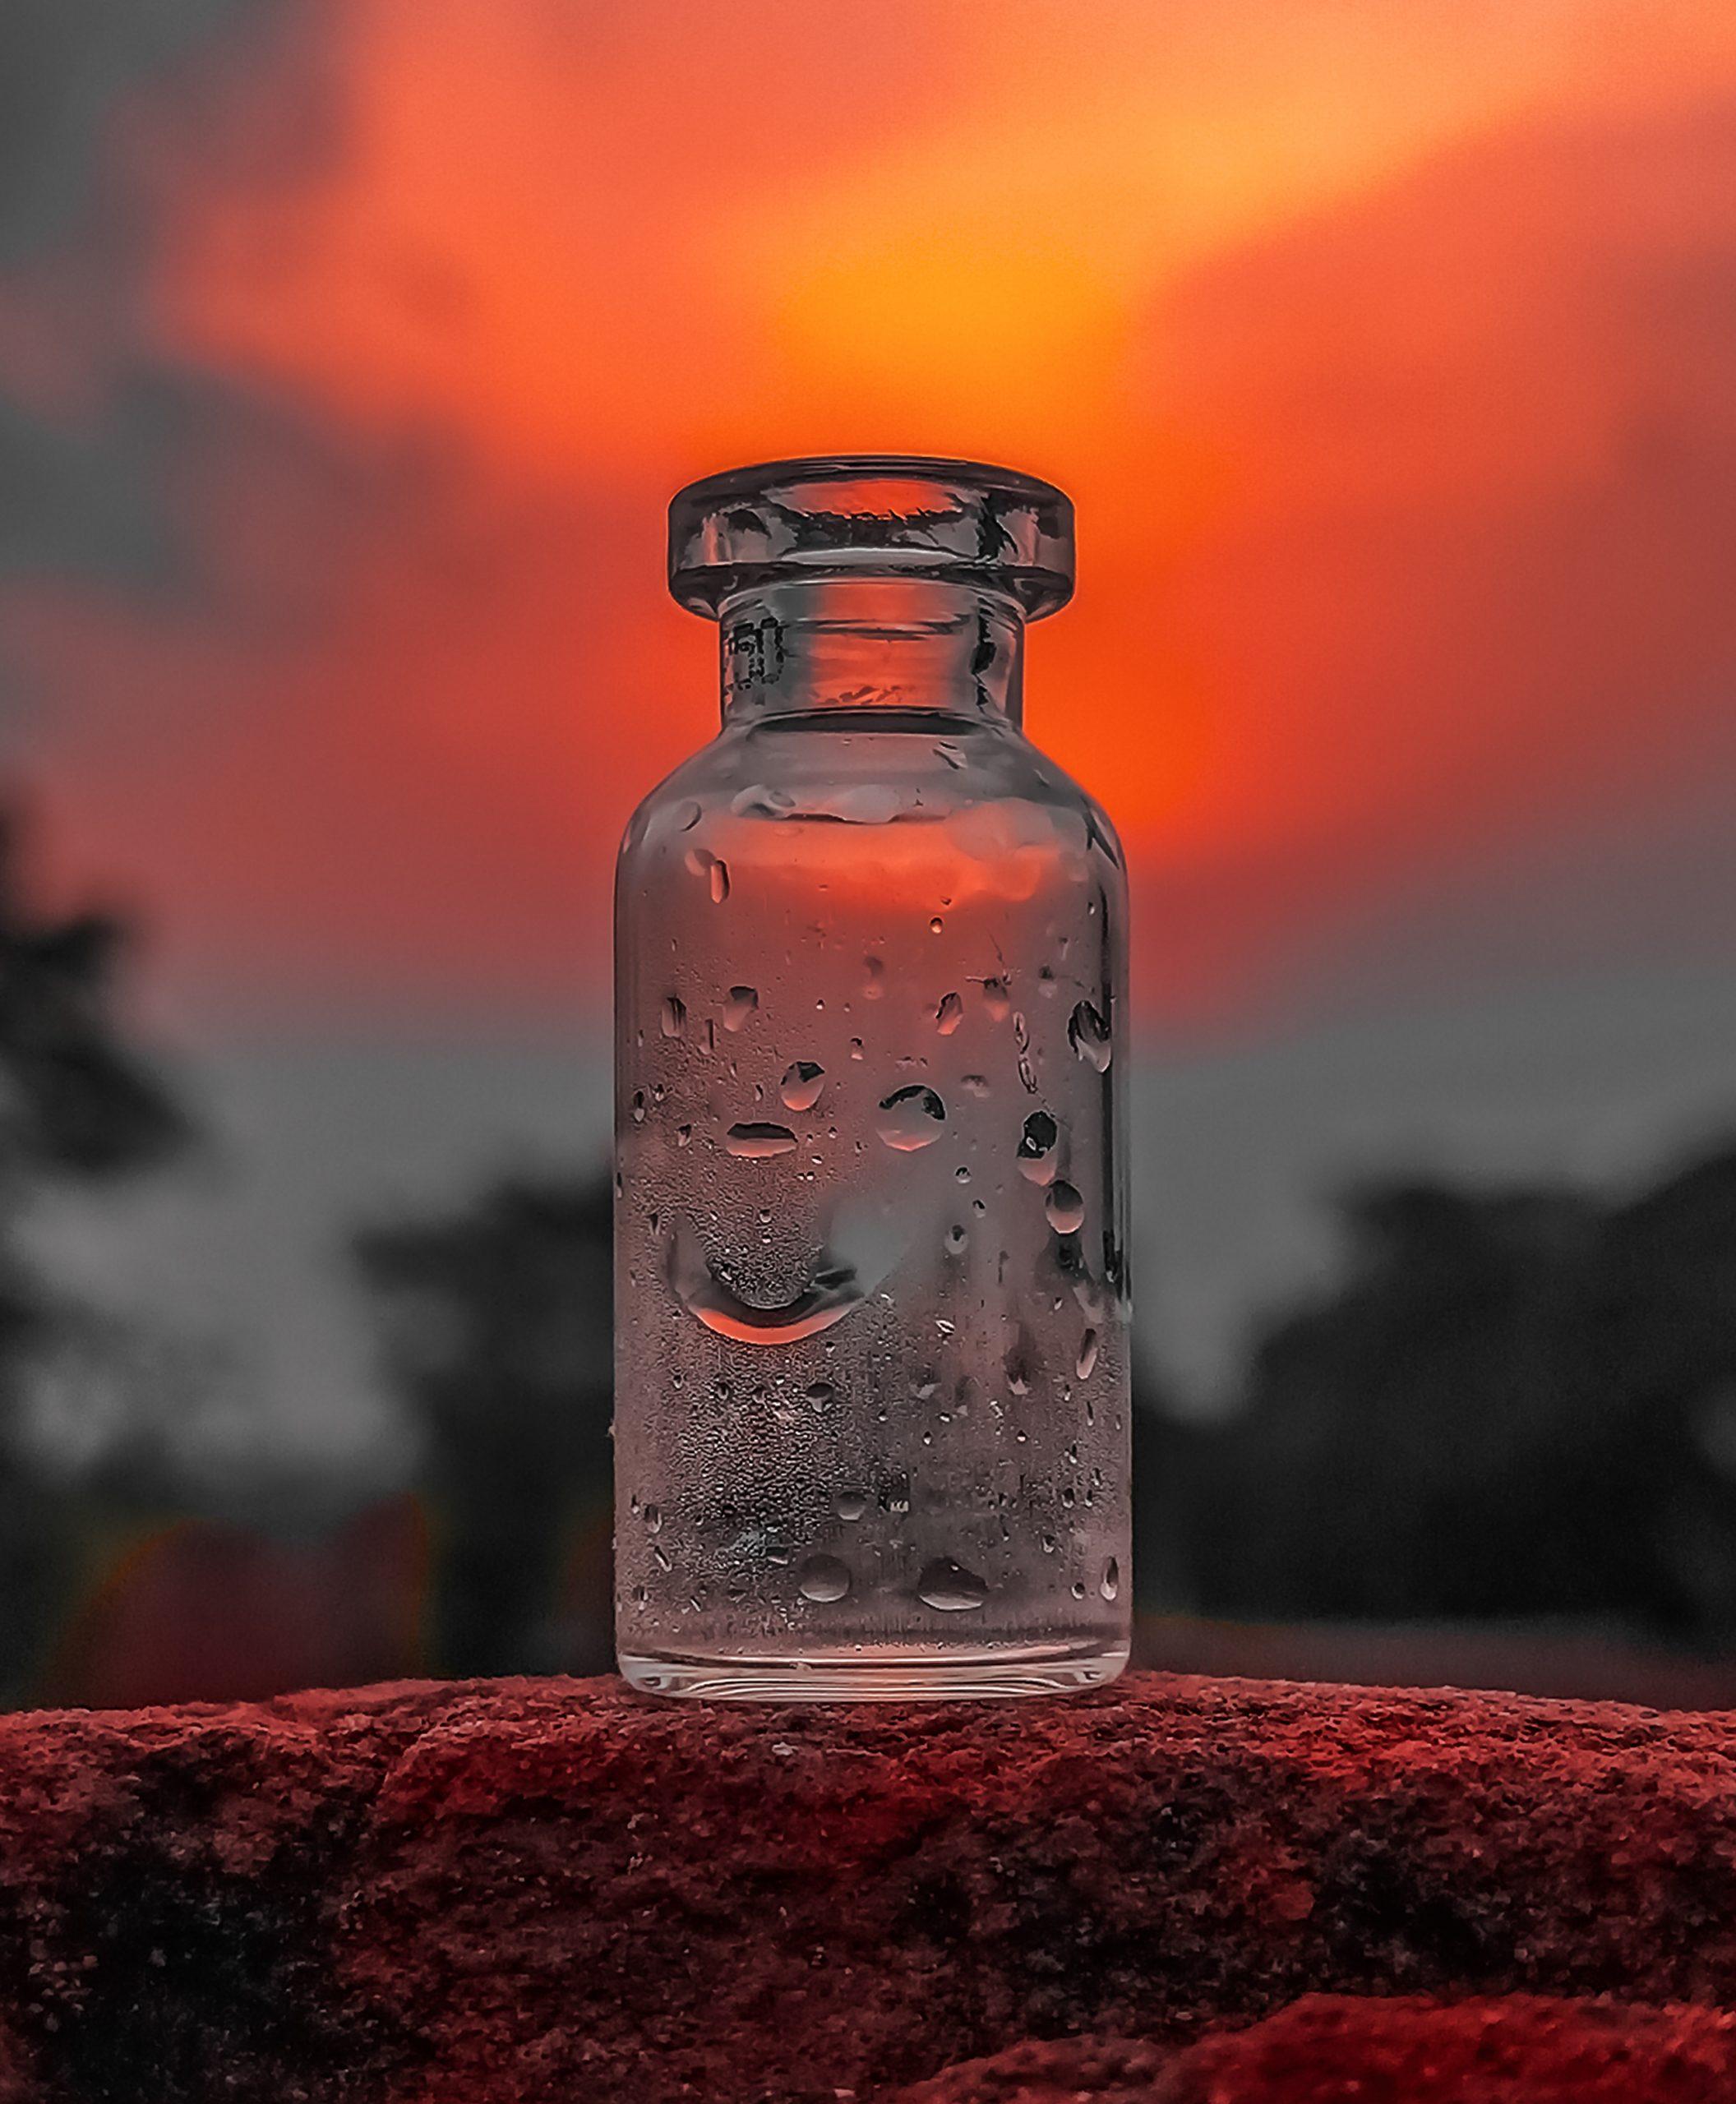 glass bottle against sunlight